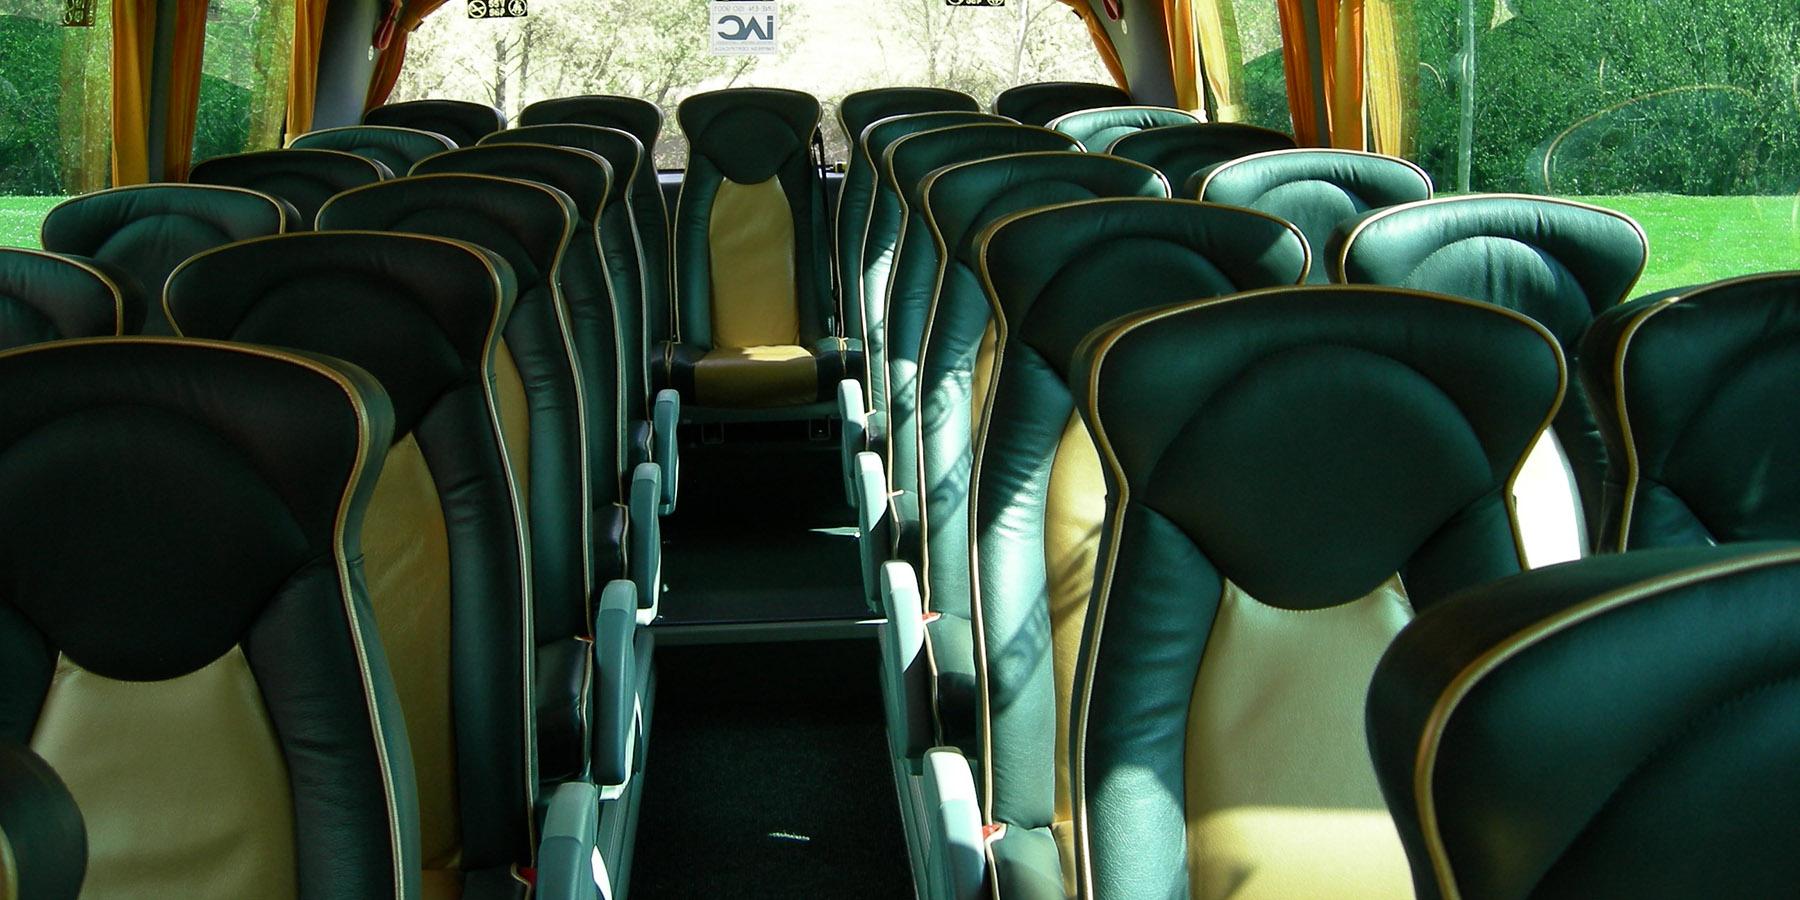 Confort y comodidad autobuses janla